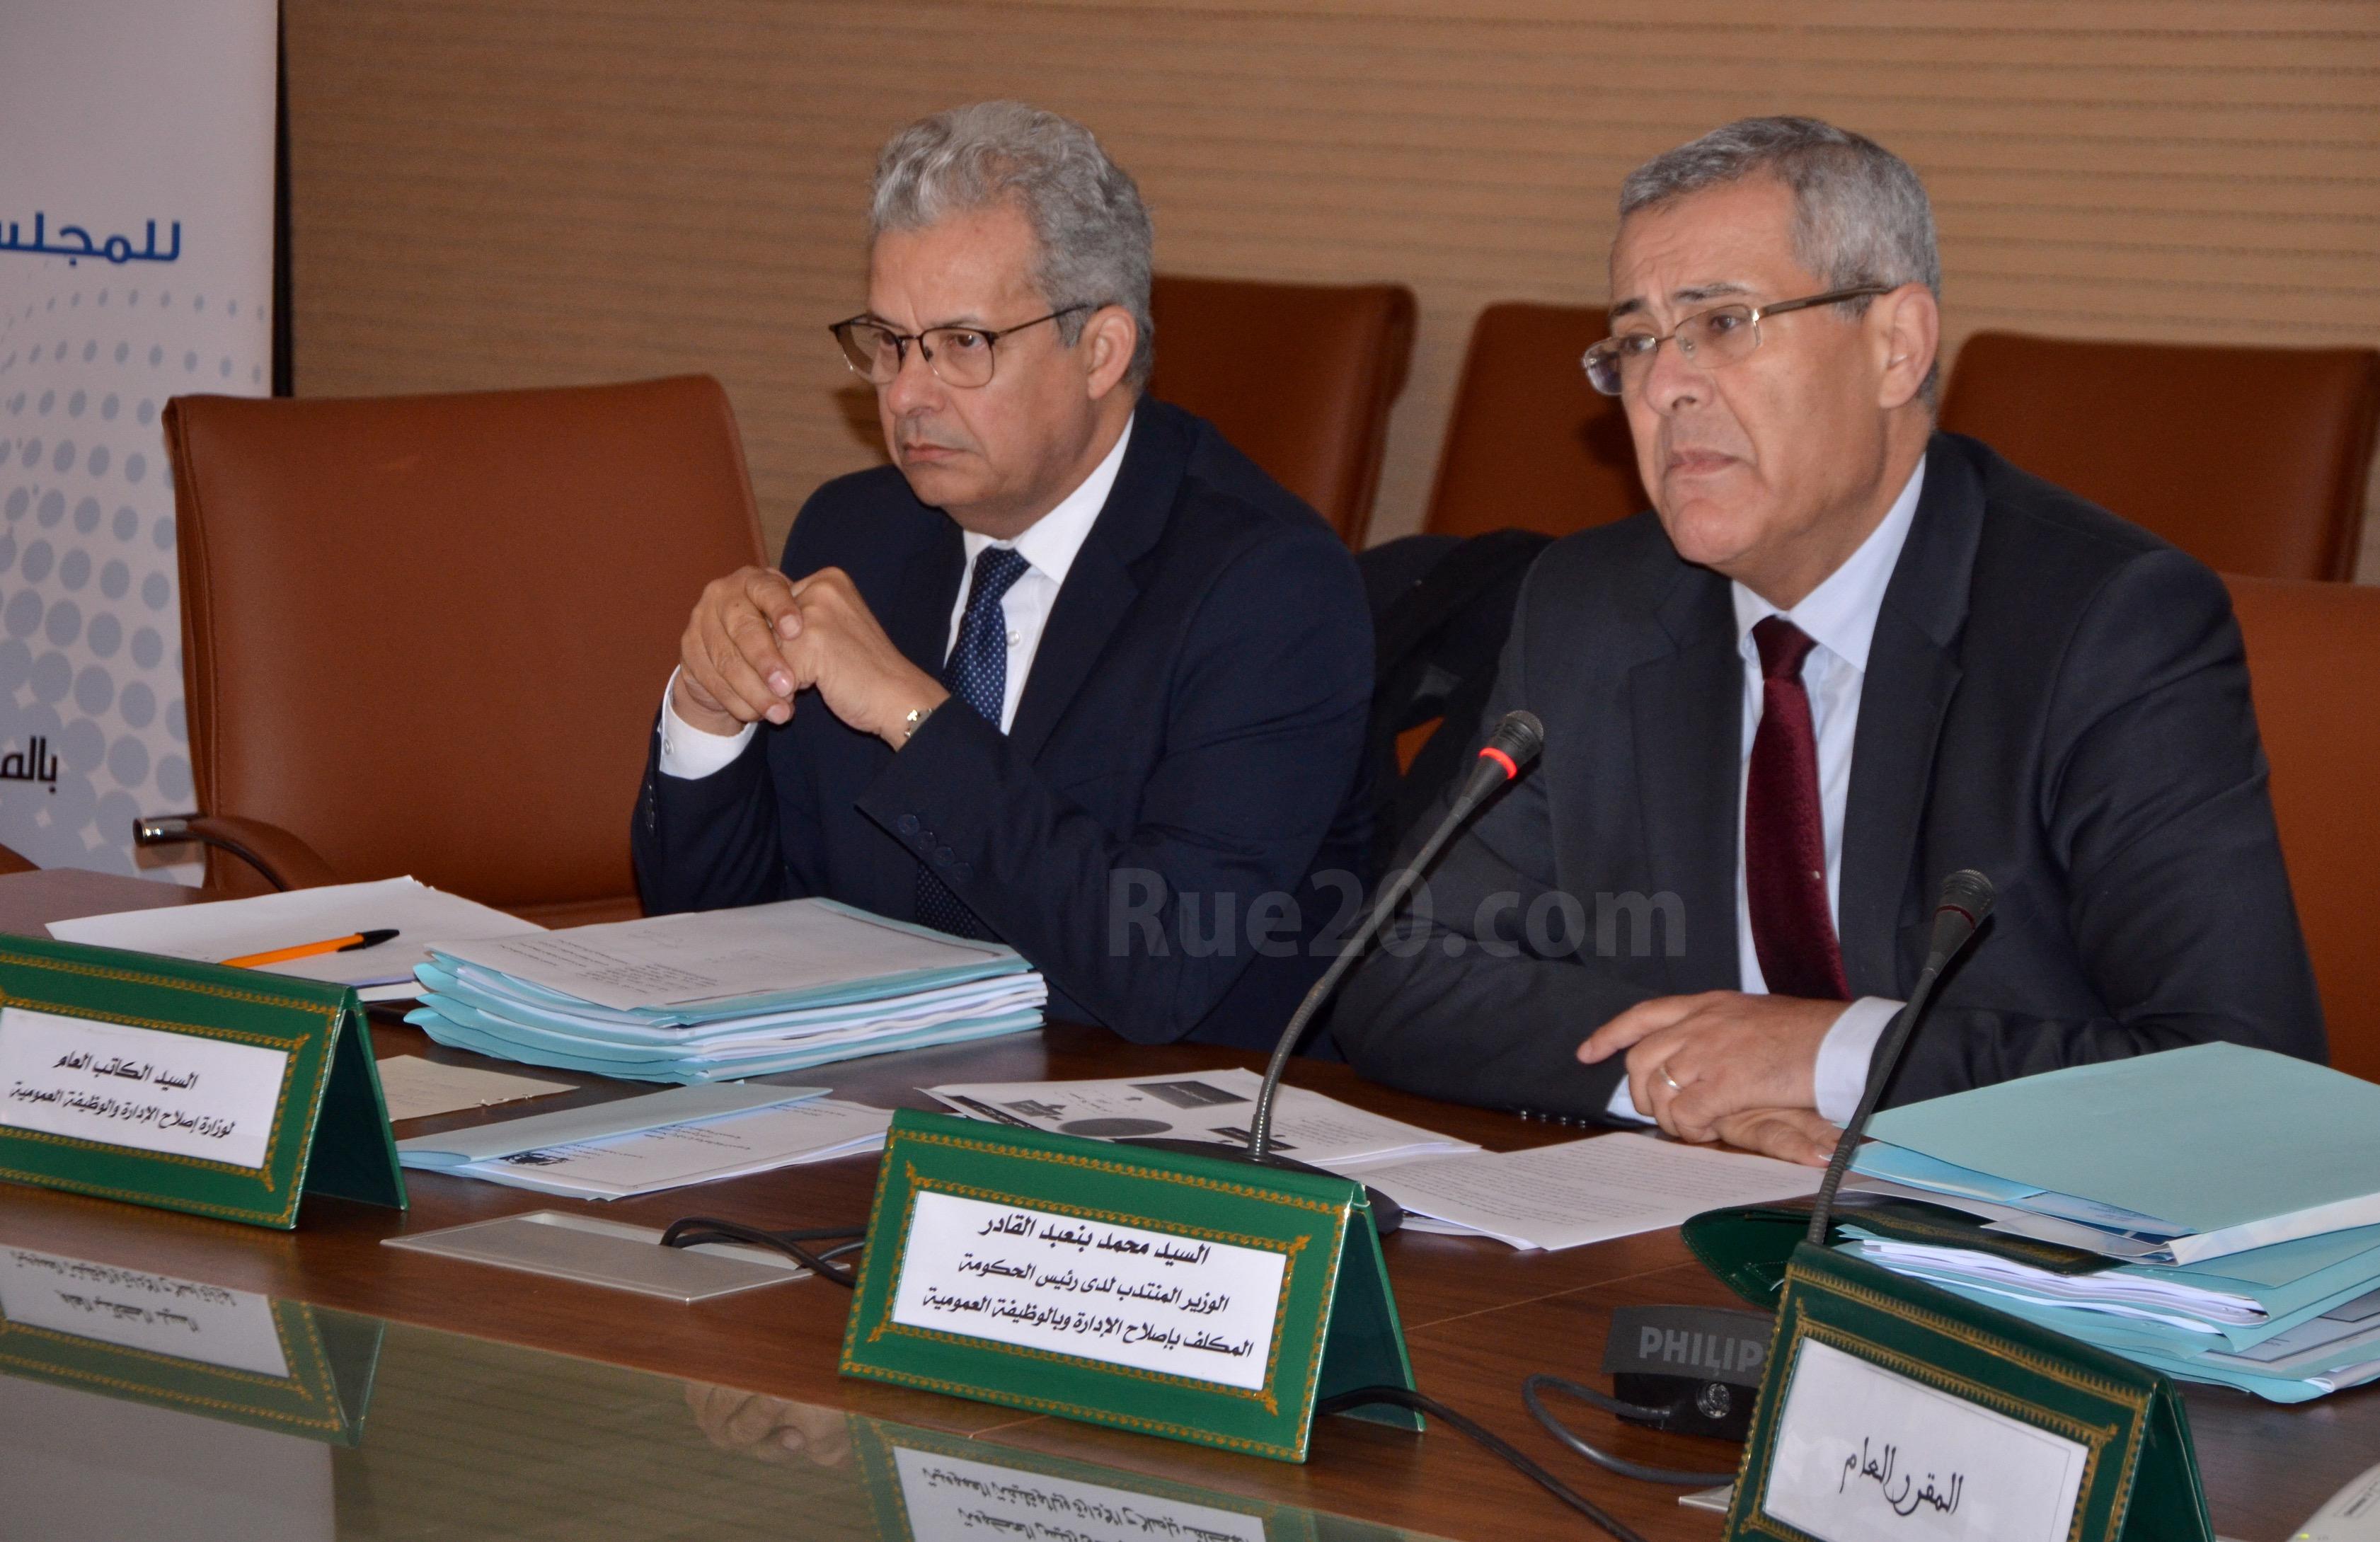 بنعبد القادر: هناك حاجة لإعادة هيكلة الإدارة العمومية لمُواكبة التطور السياسي والإقتصادي الذي يشهده المغرب